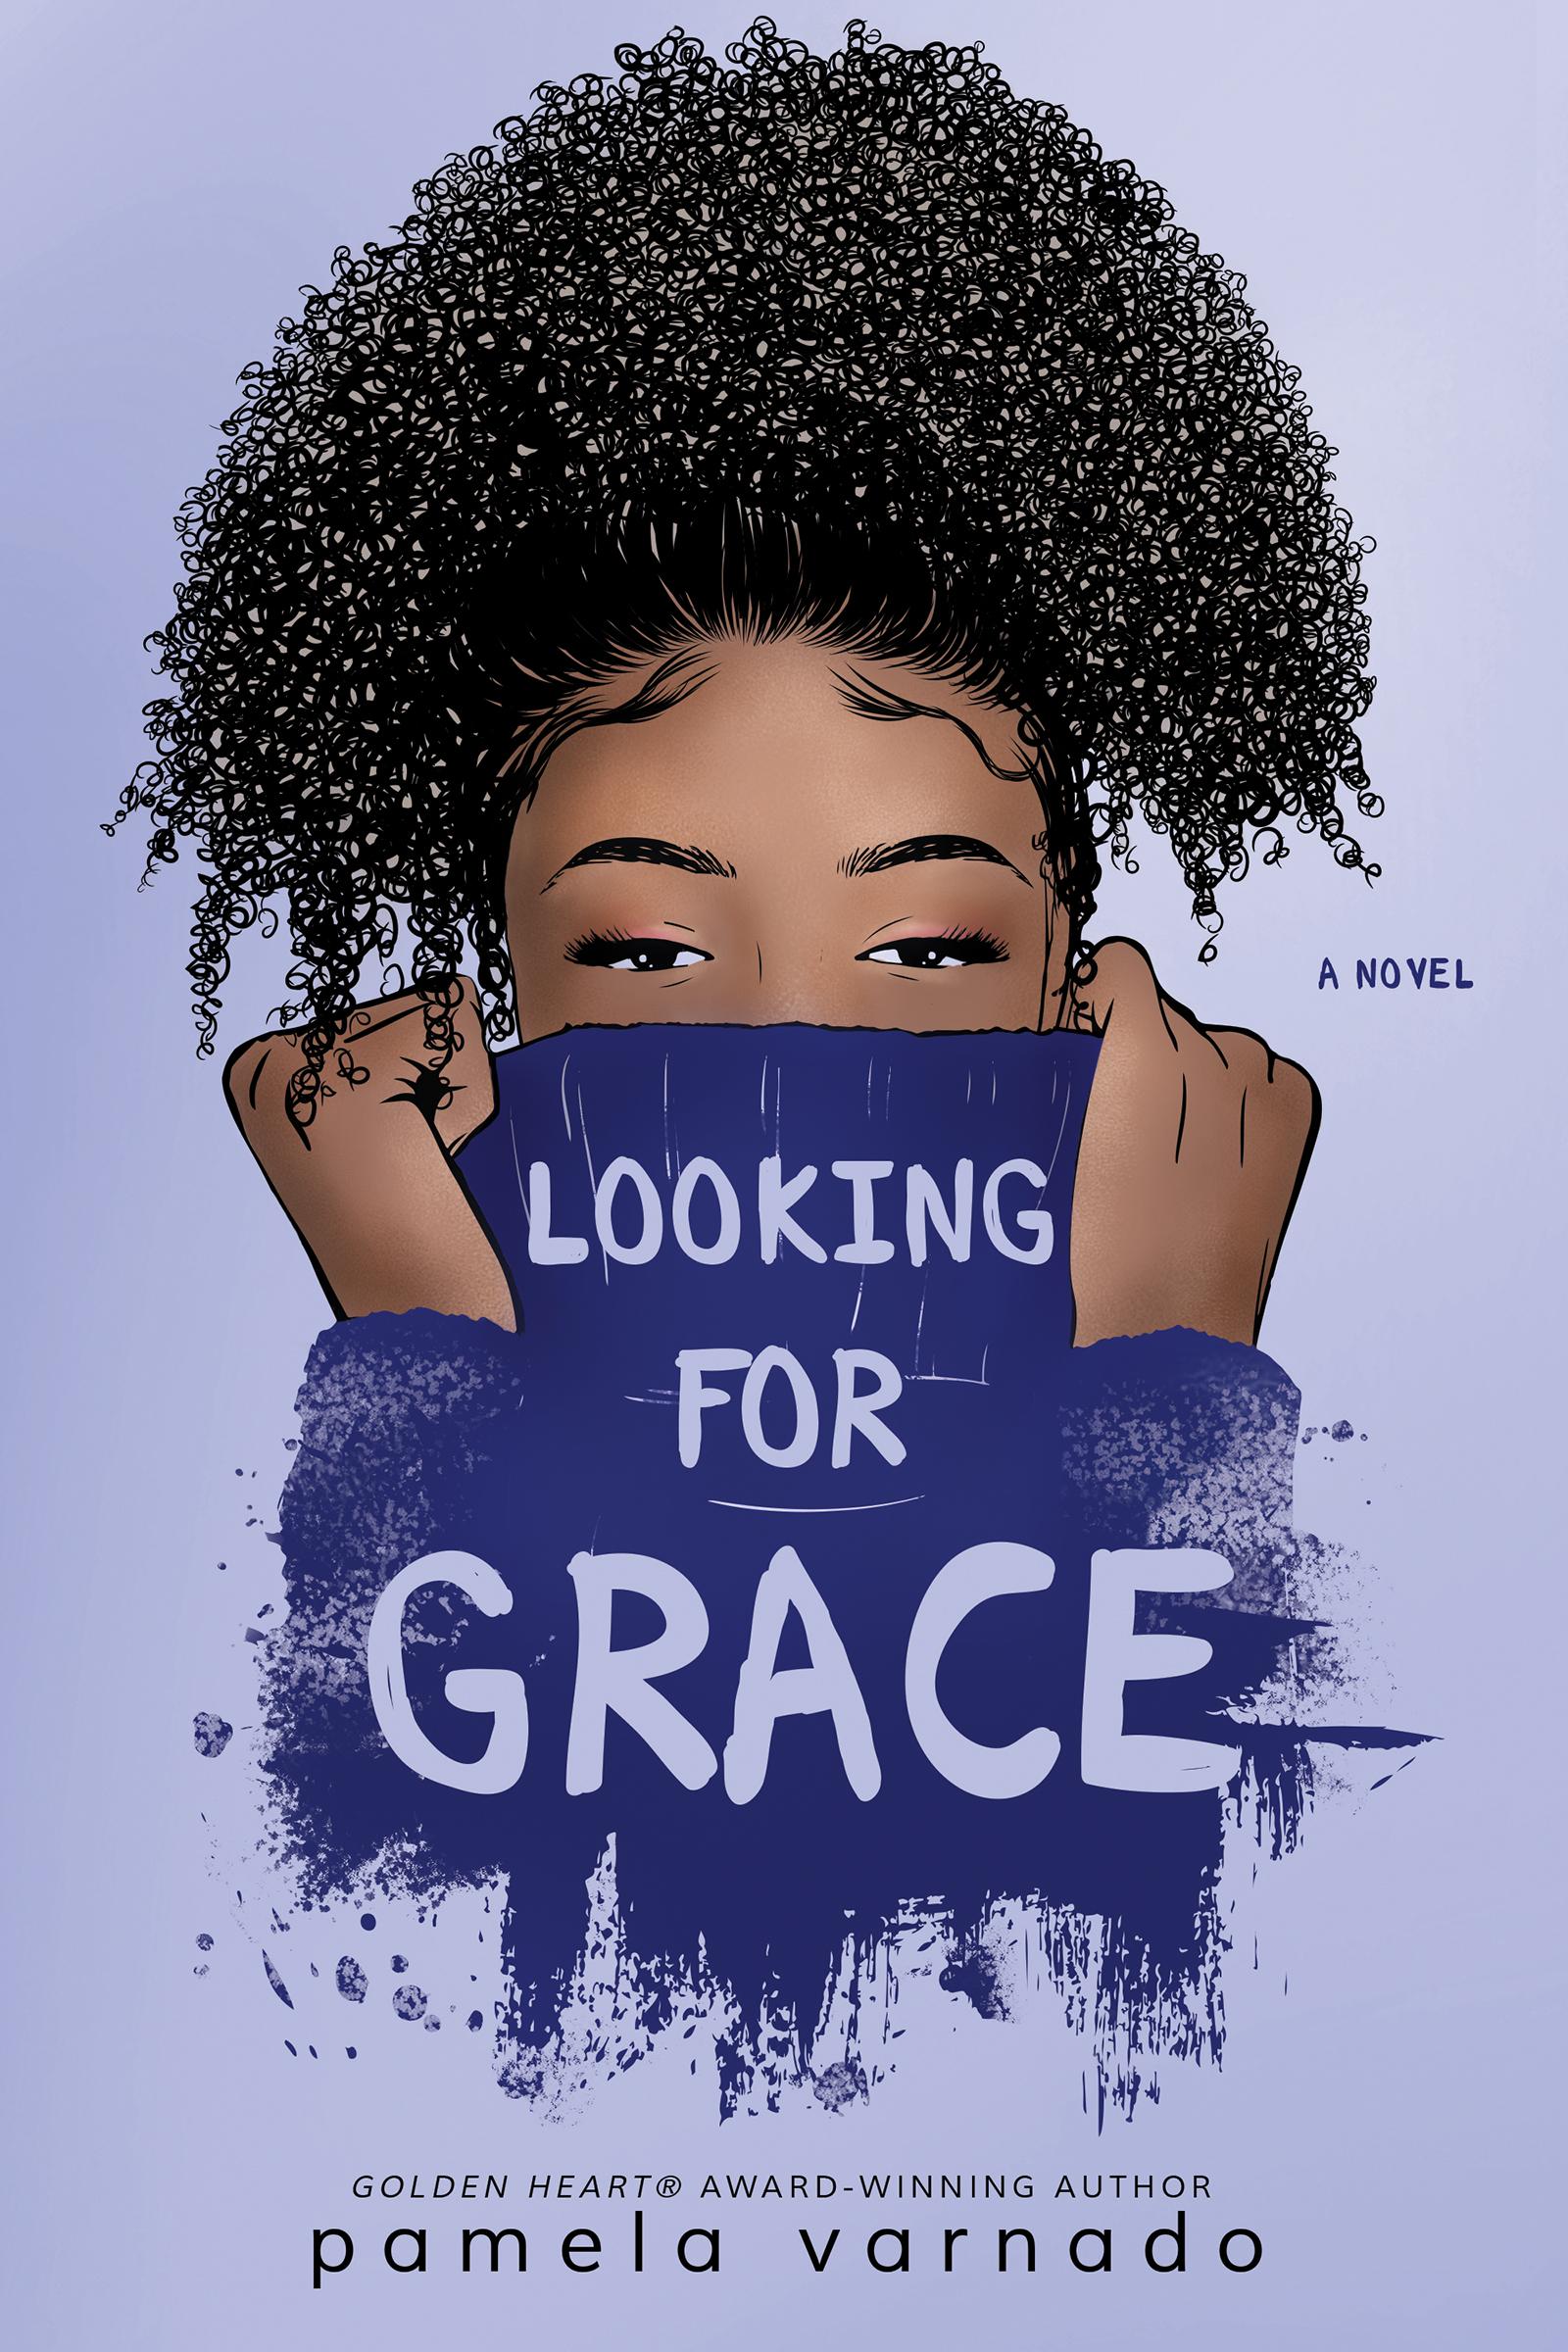 Looking for Grace by Pamela Varnado